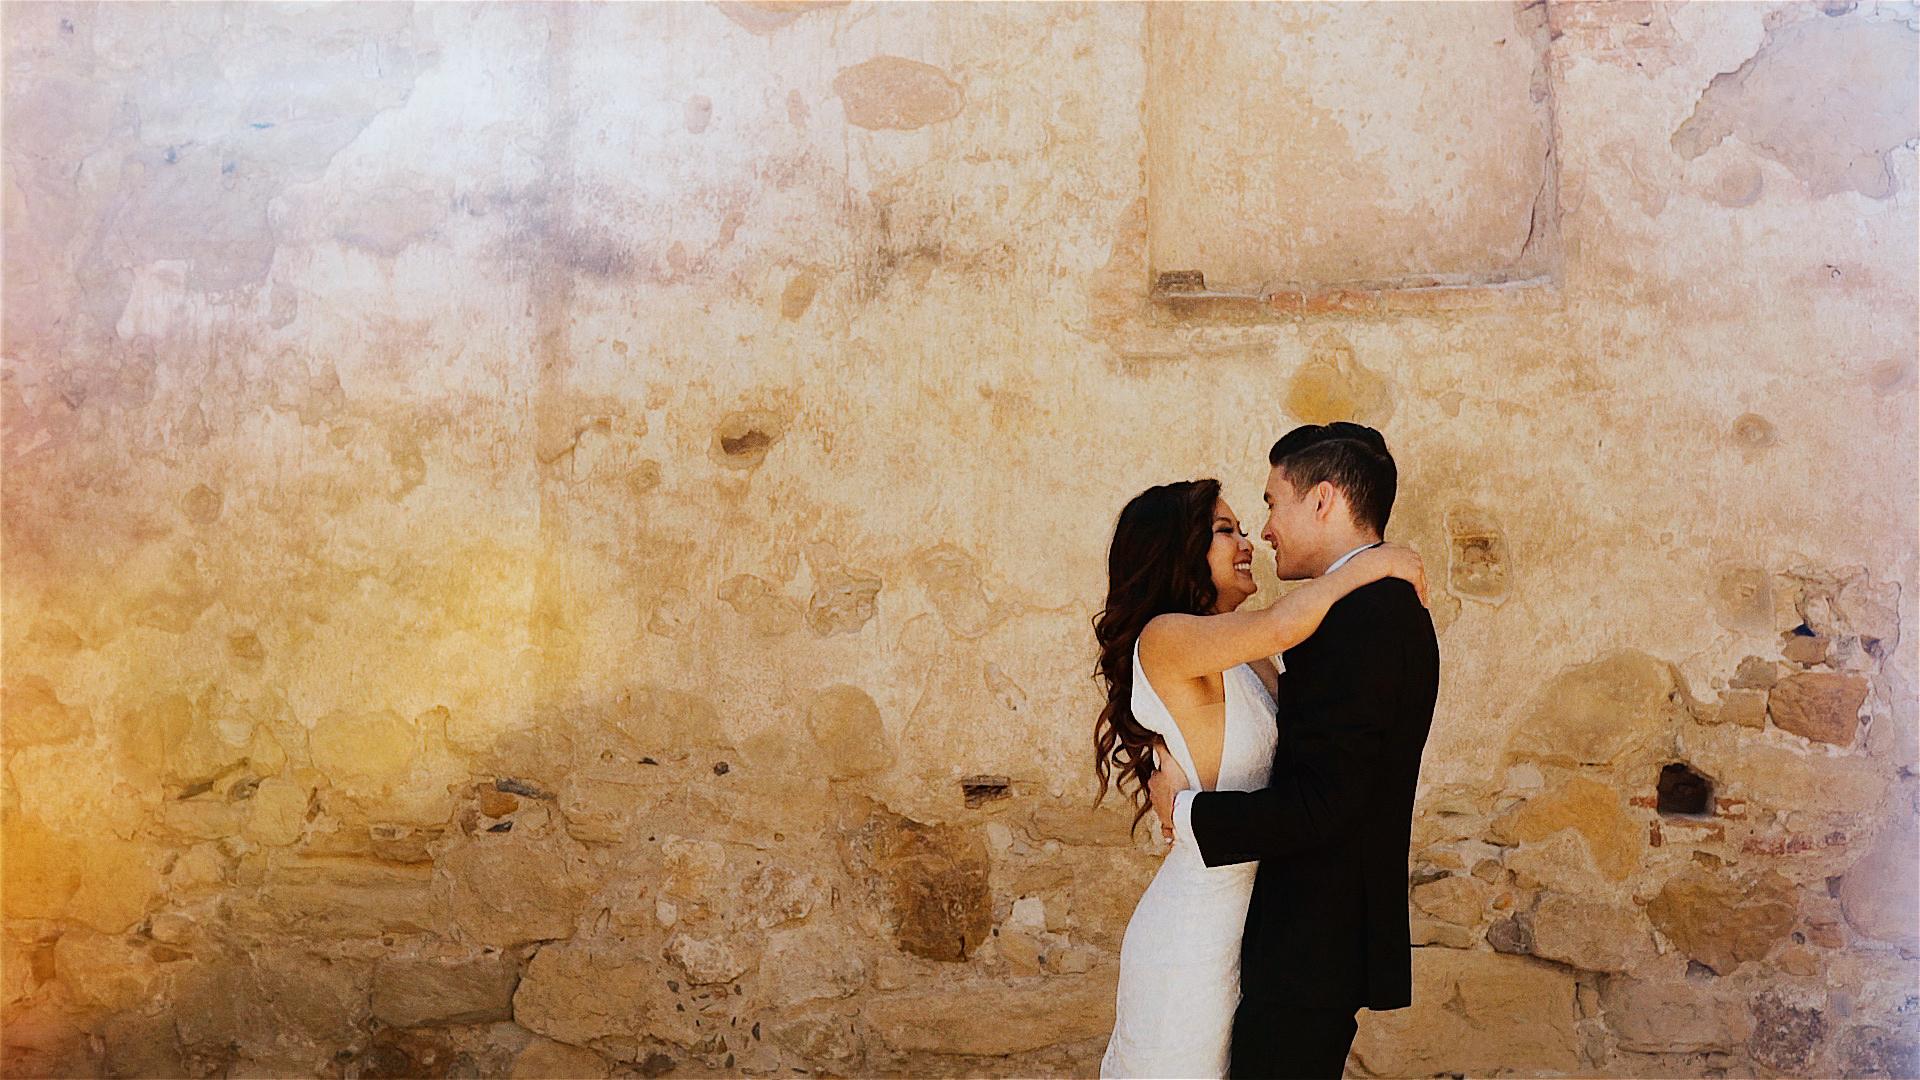 Michelle + Ryan | San Juan Capistrano, California | Franciscan Gardens